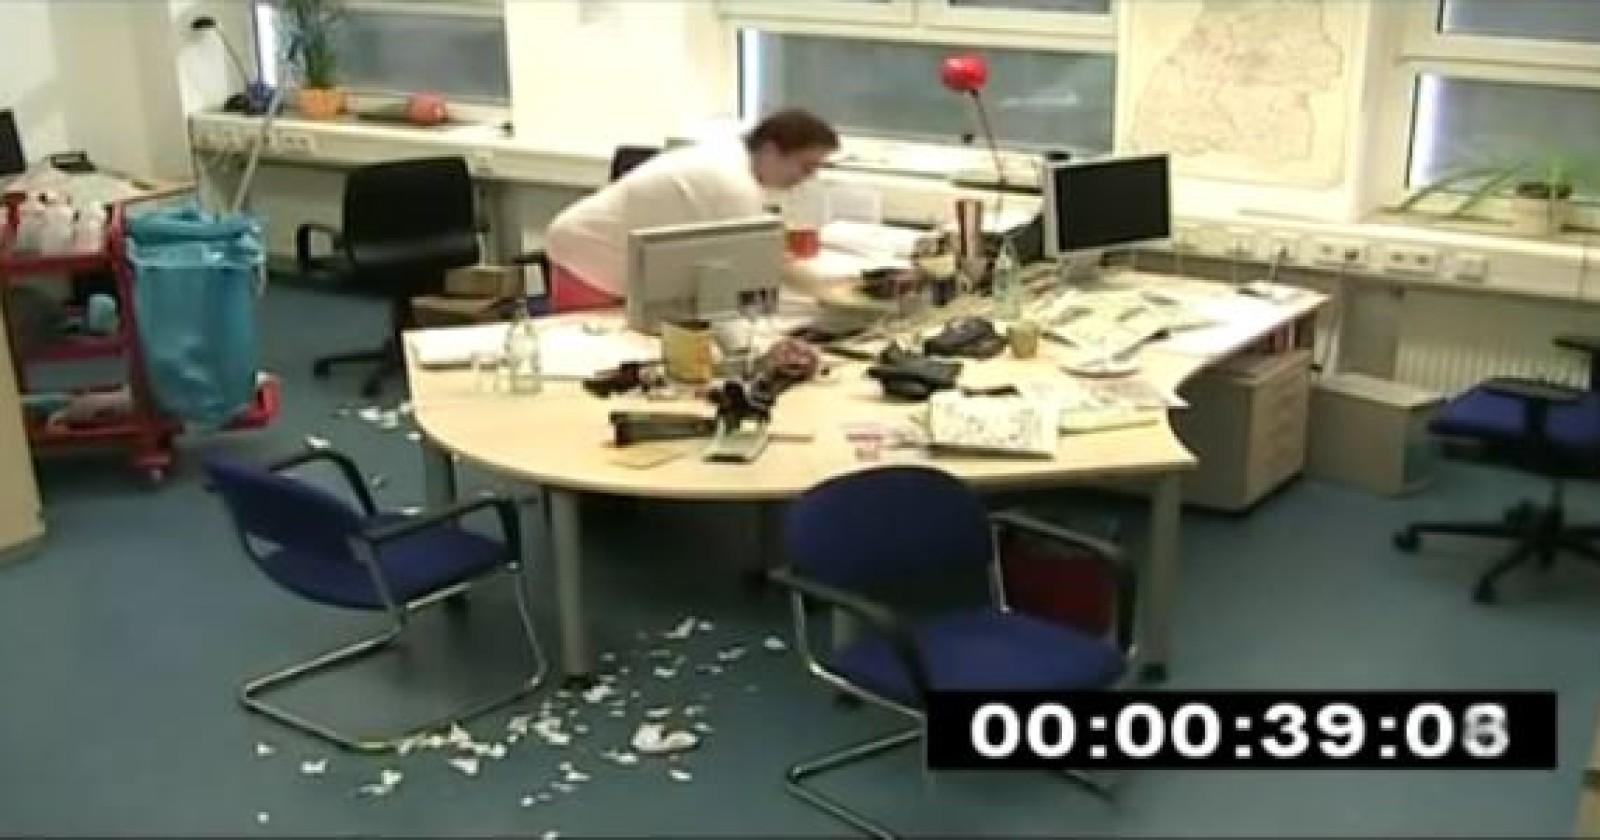 Büro reinigen in 4 Minuten? Unfassbar!